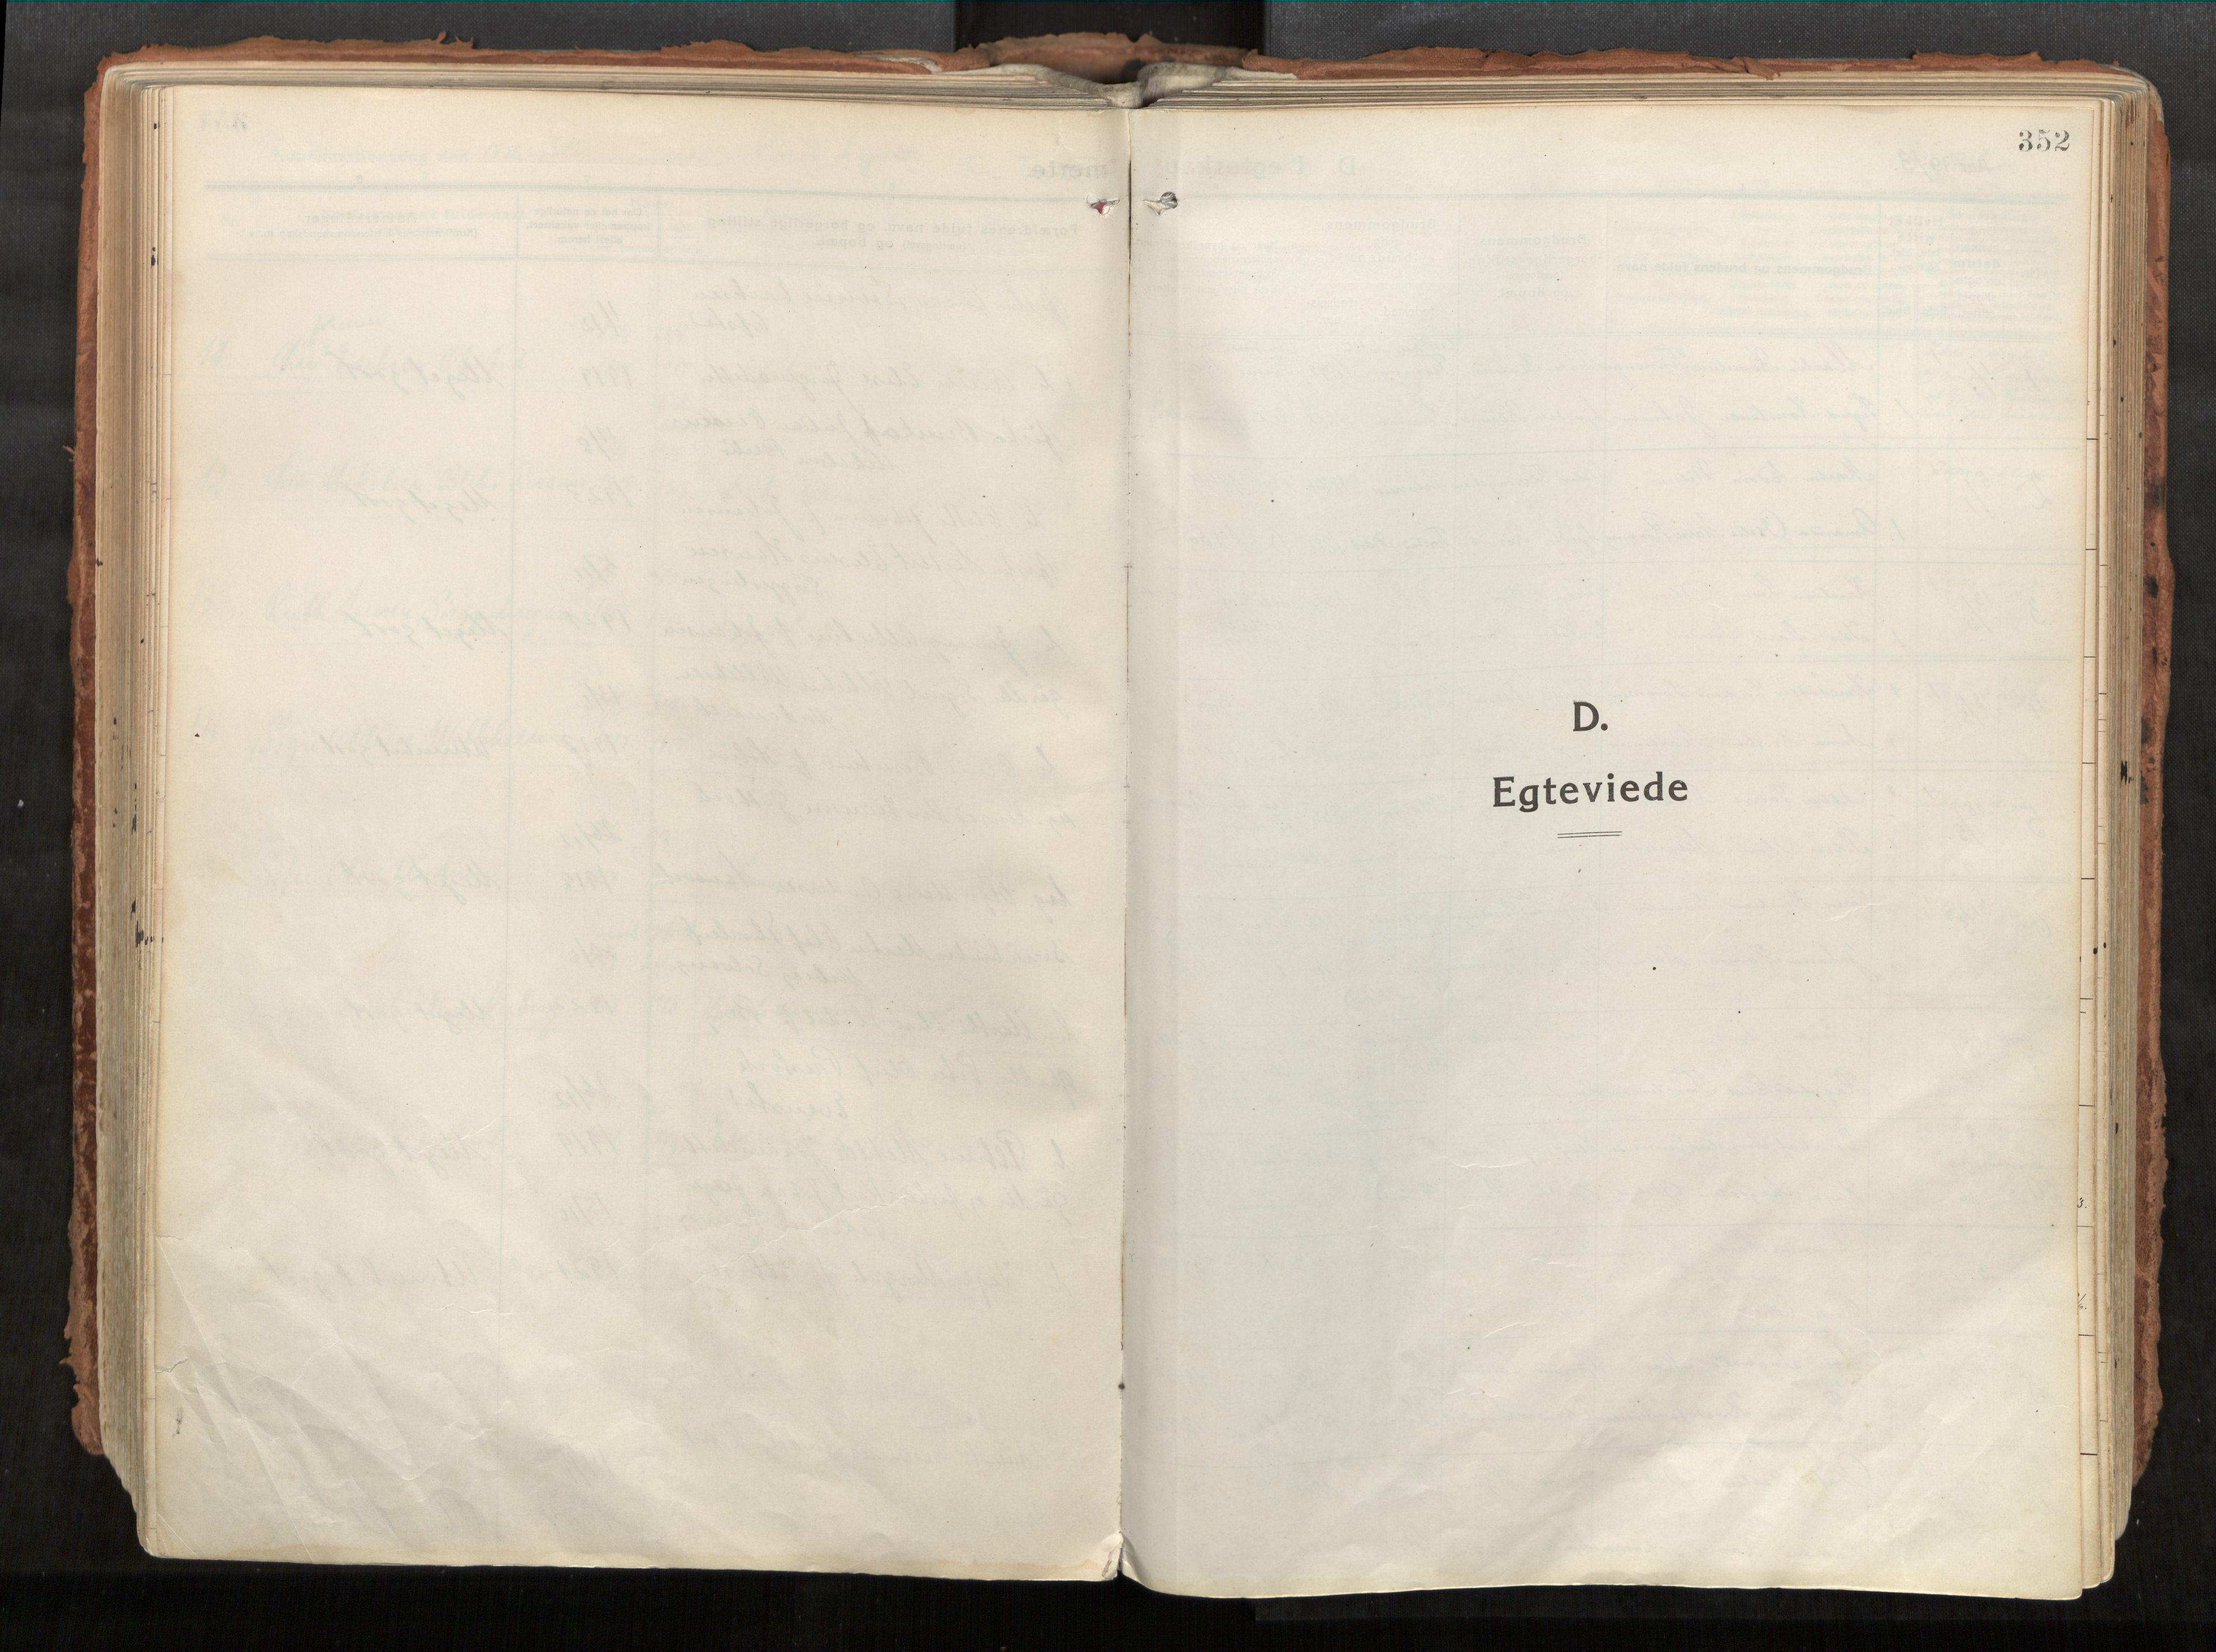 SAT, Vikna sokneprestkontor*, Parish register (official) no. 1, 1913-1934, p. 352